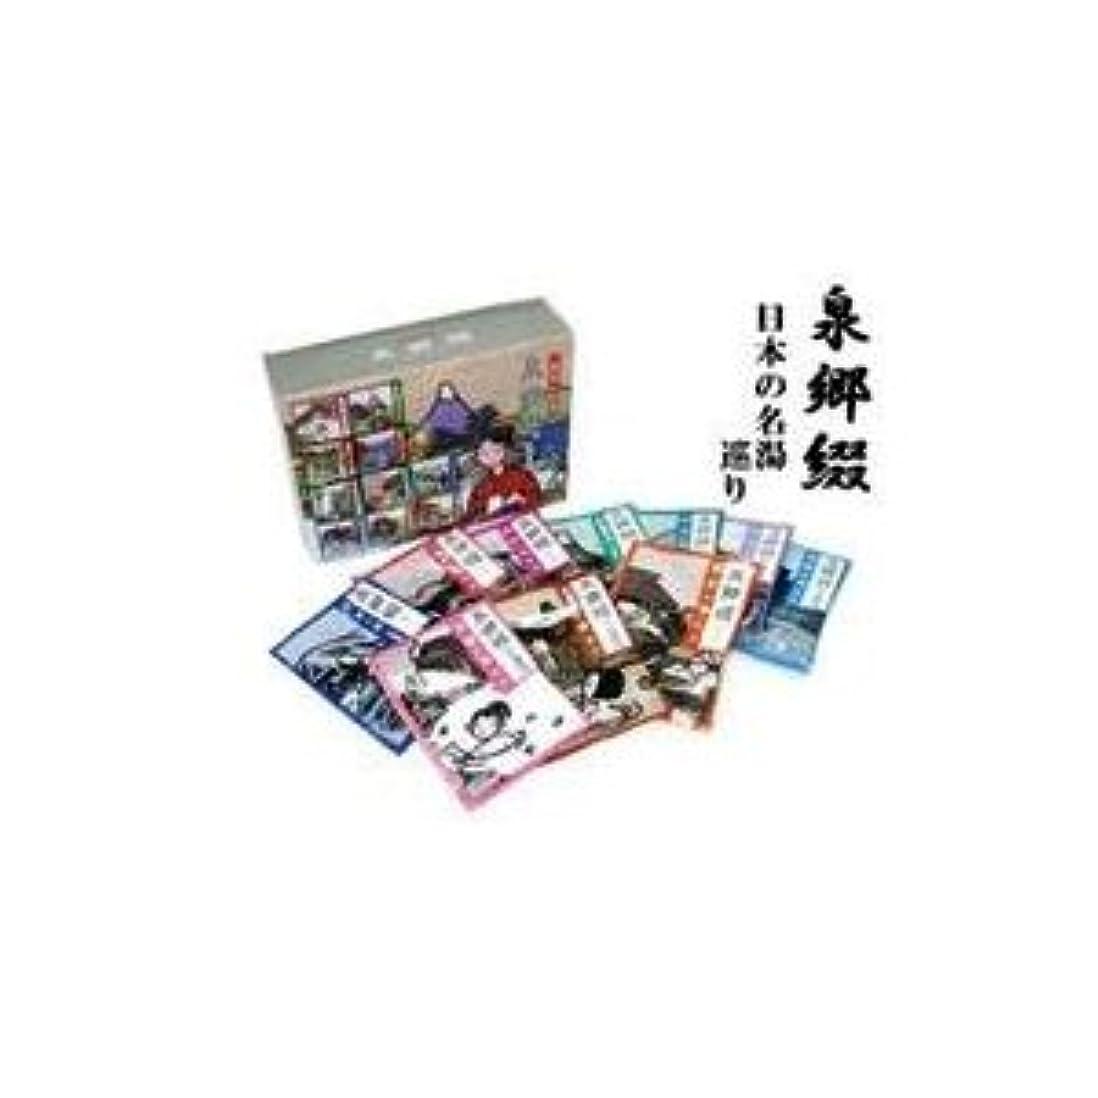 リフレッシュ入浴機関車入浴剤 泉郷綴<日本の名湯巡り>(10包入り)日本を代表する温泉10ヶ所の入浴剤(10セット)